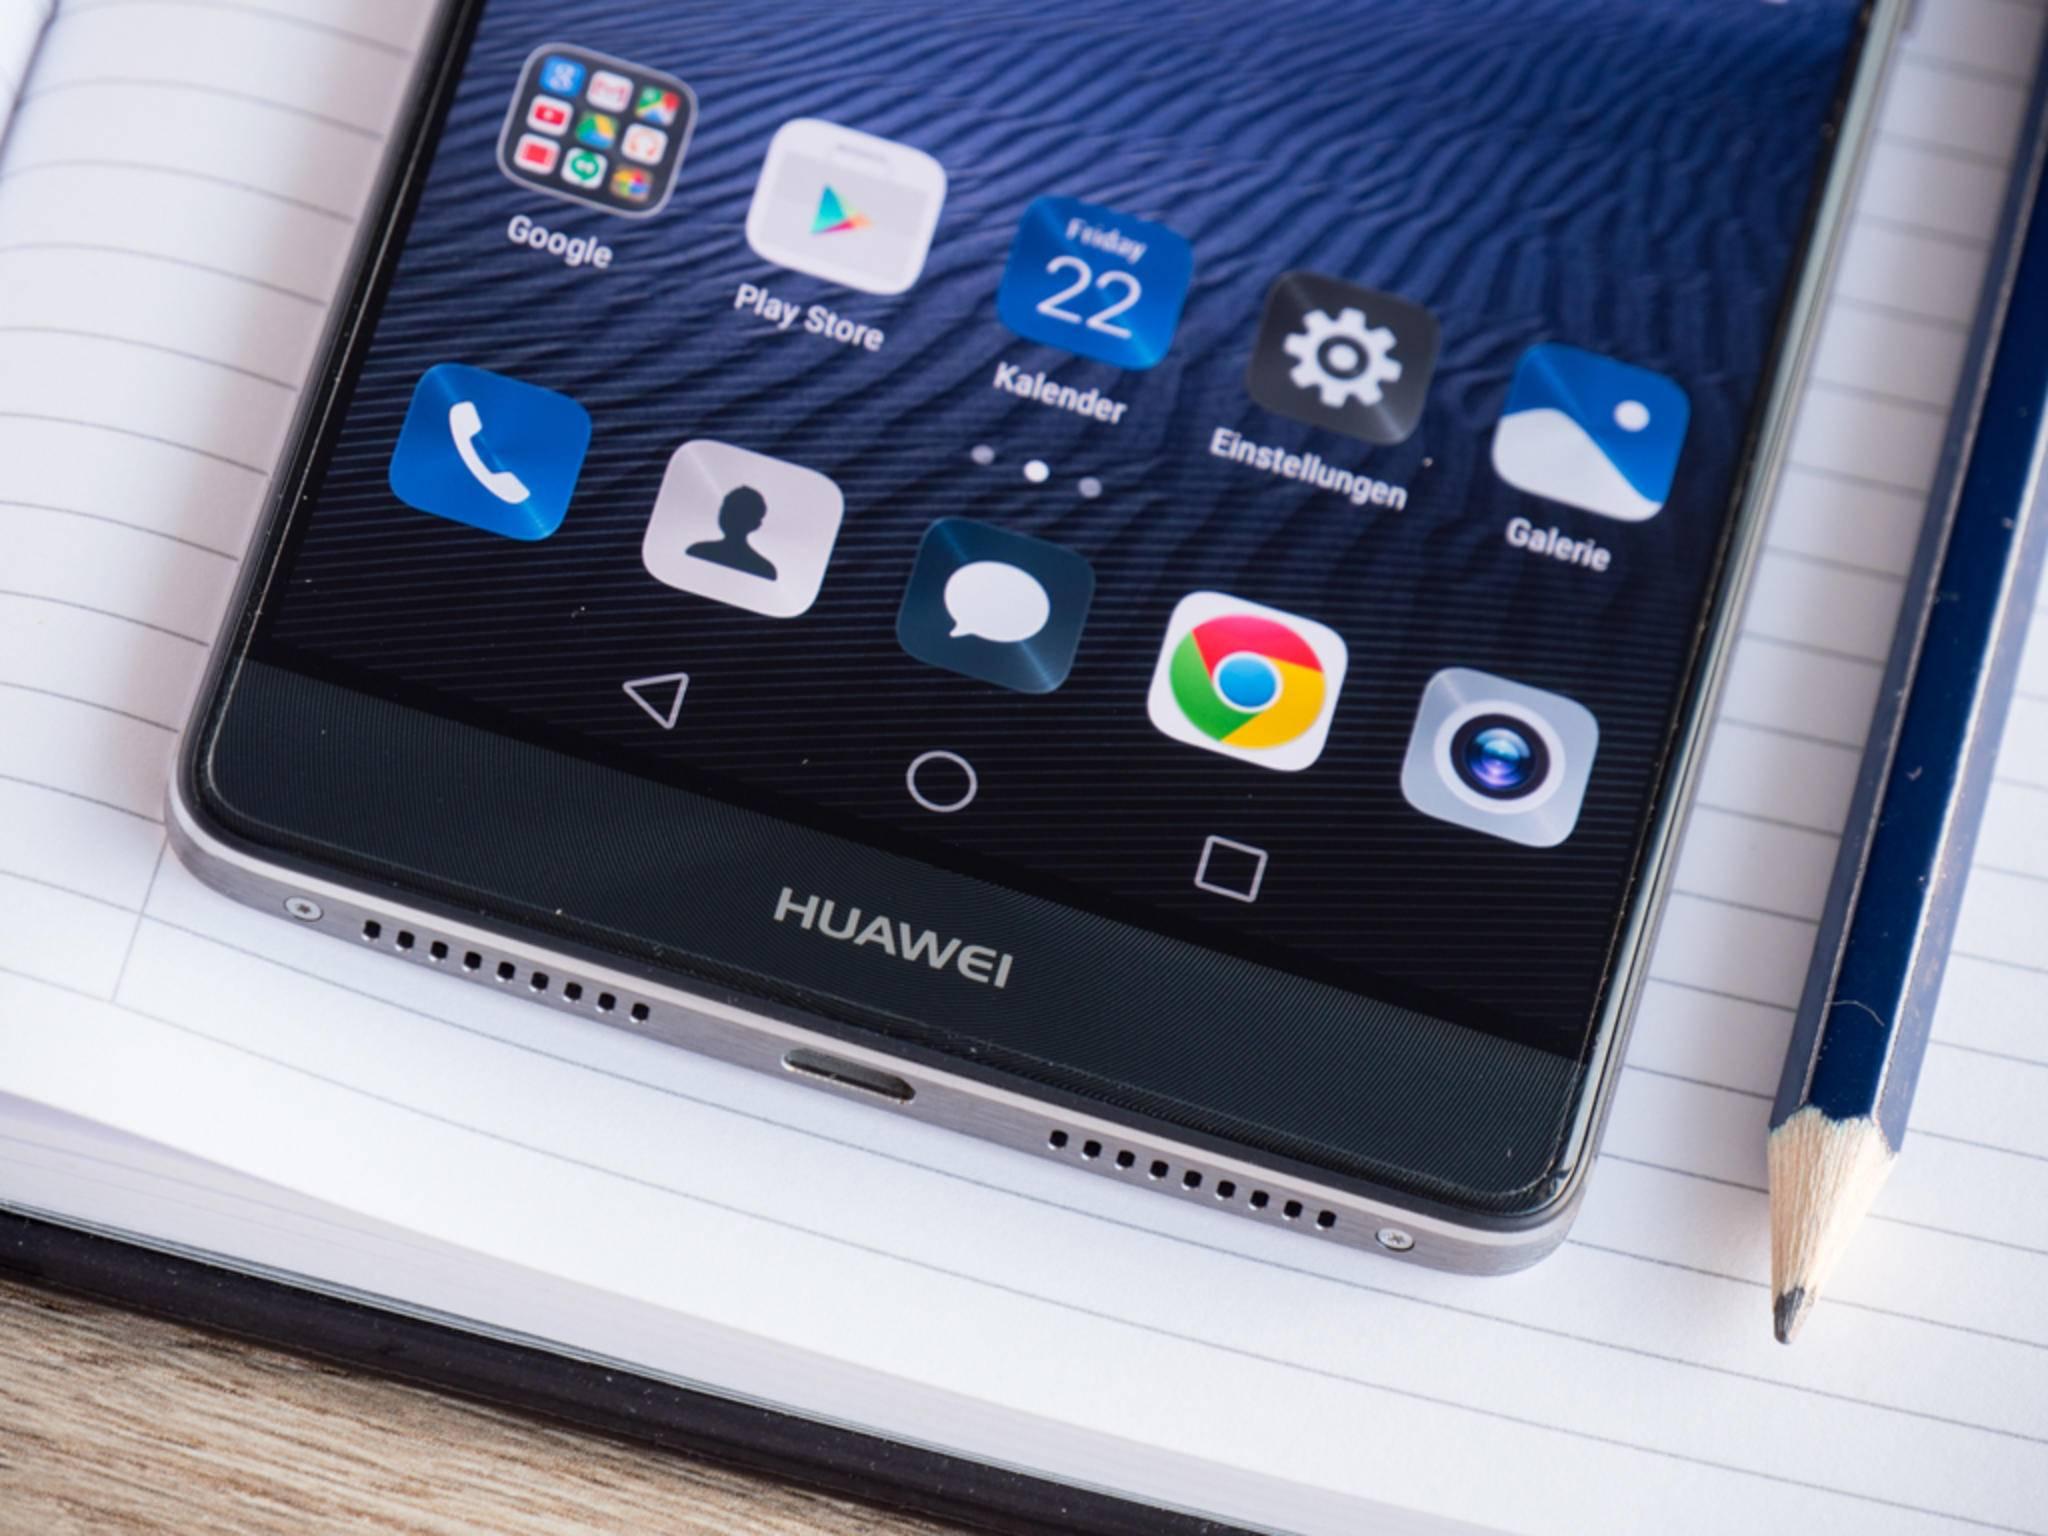 Kommt der Nachfolger des Huawei 8 schon im September?